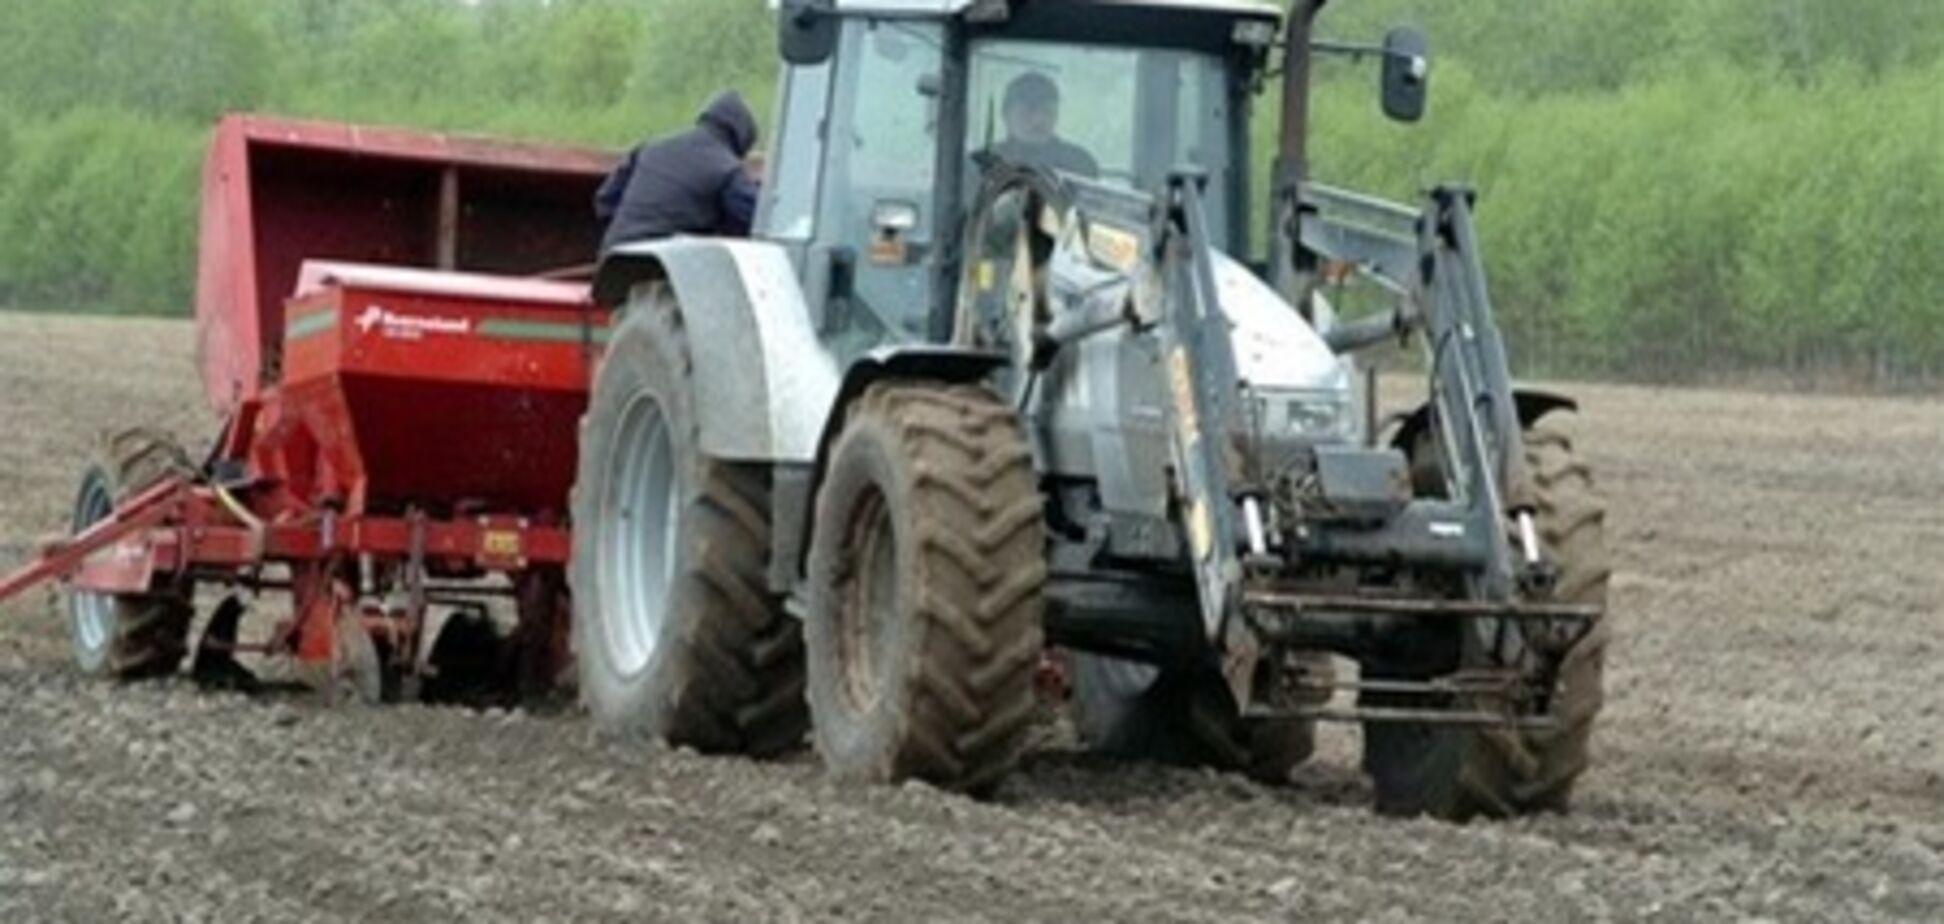 За удостоверение тракториста дали 1 тыс. грн. взятки